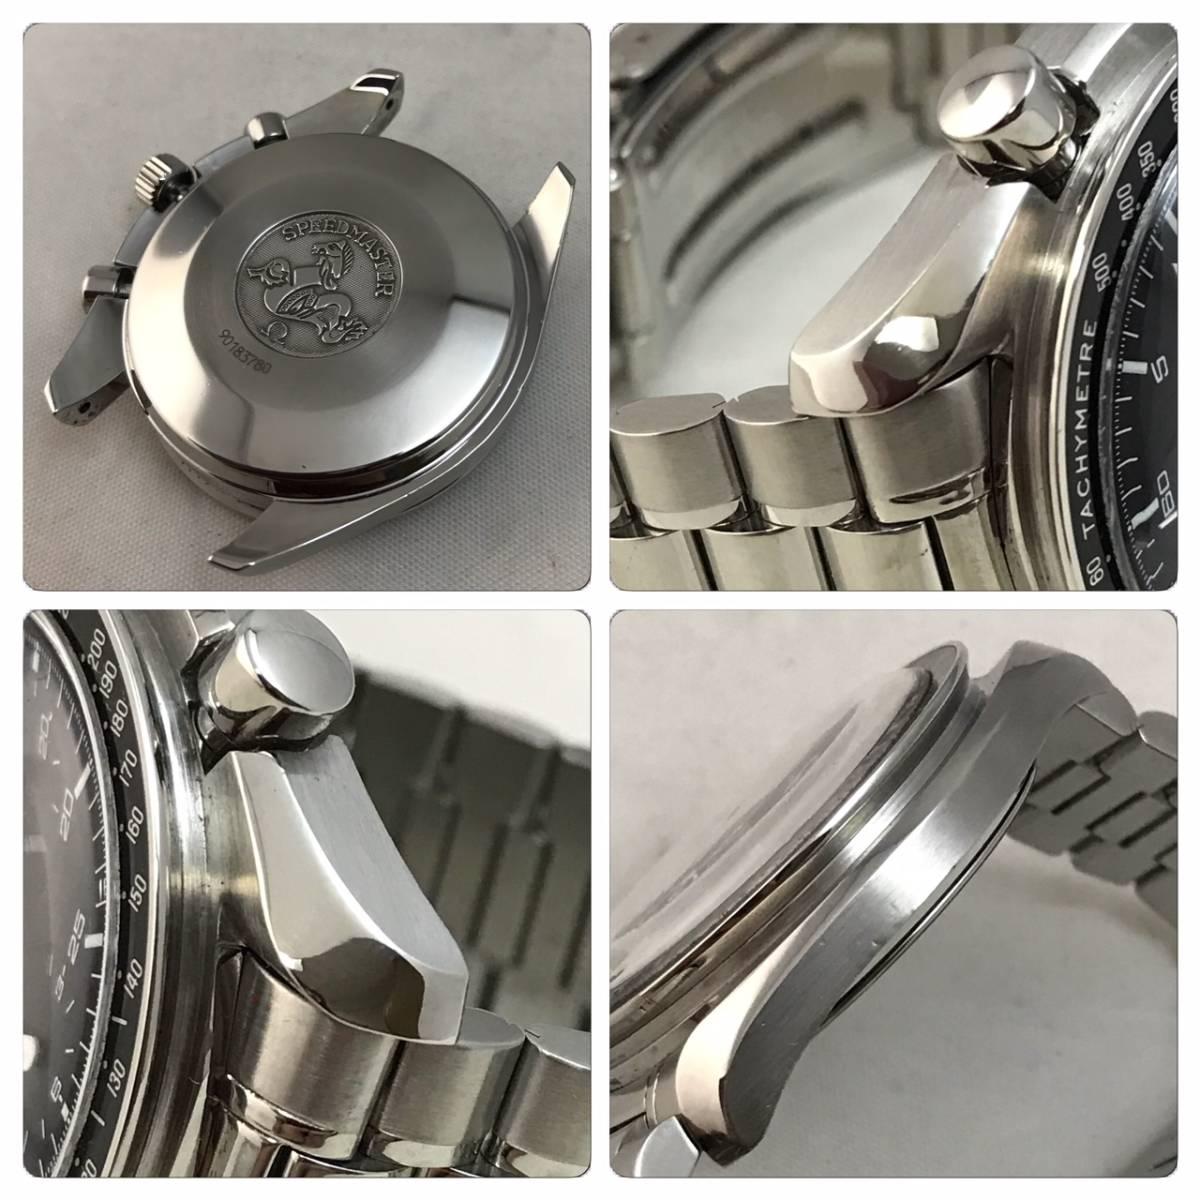 付属品付き☆美品のオメガ・スピードマスター時計3510-50☆_画像3